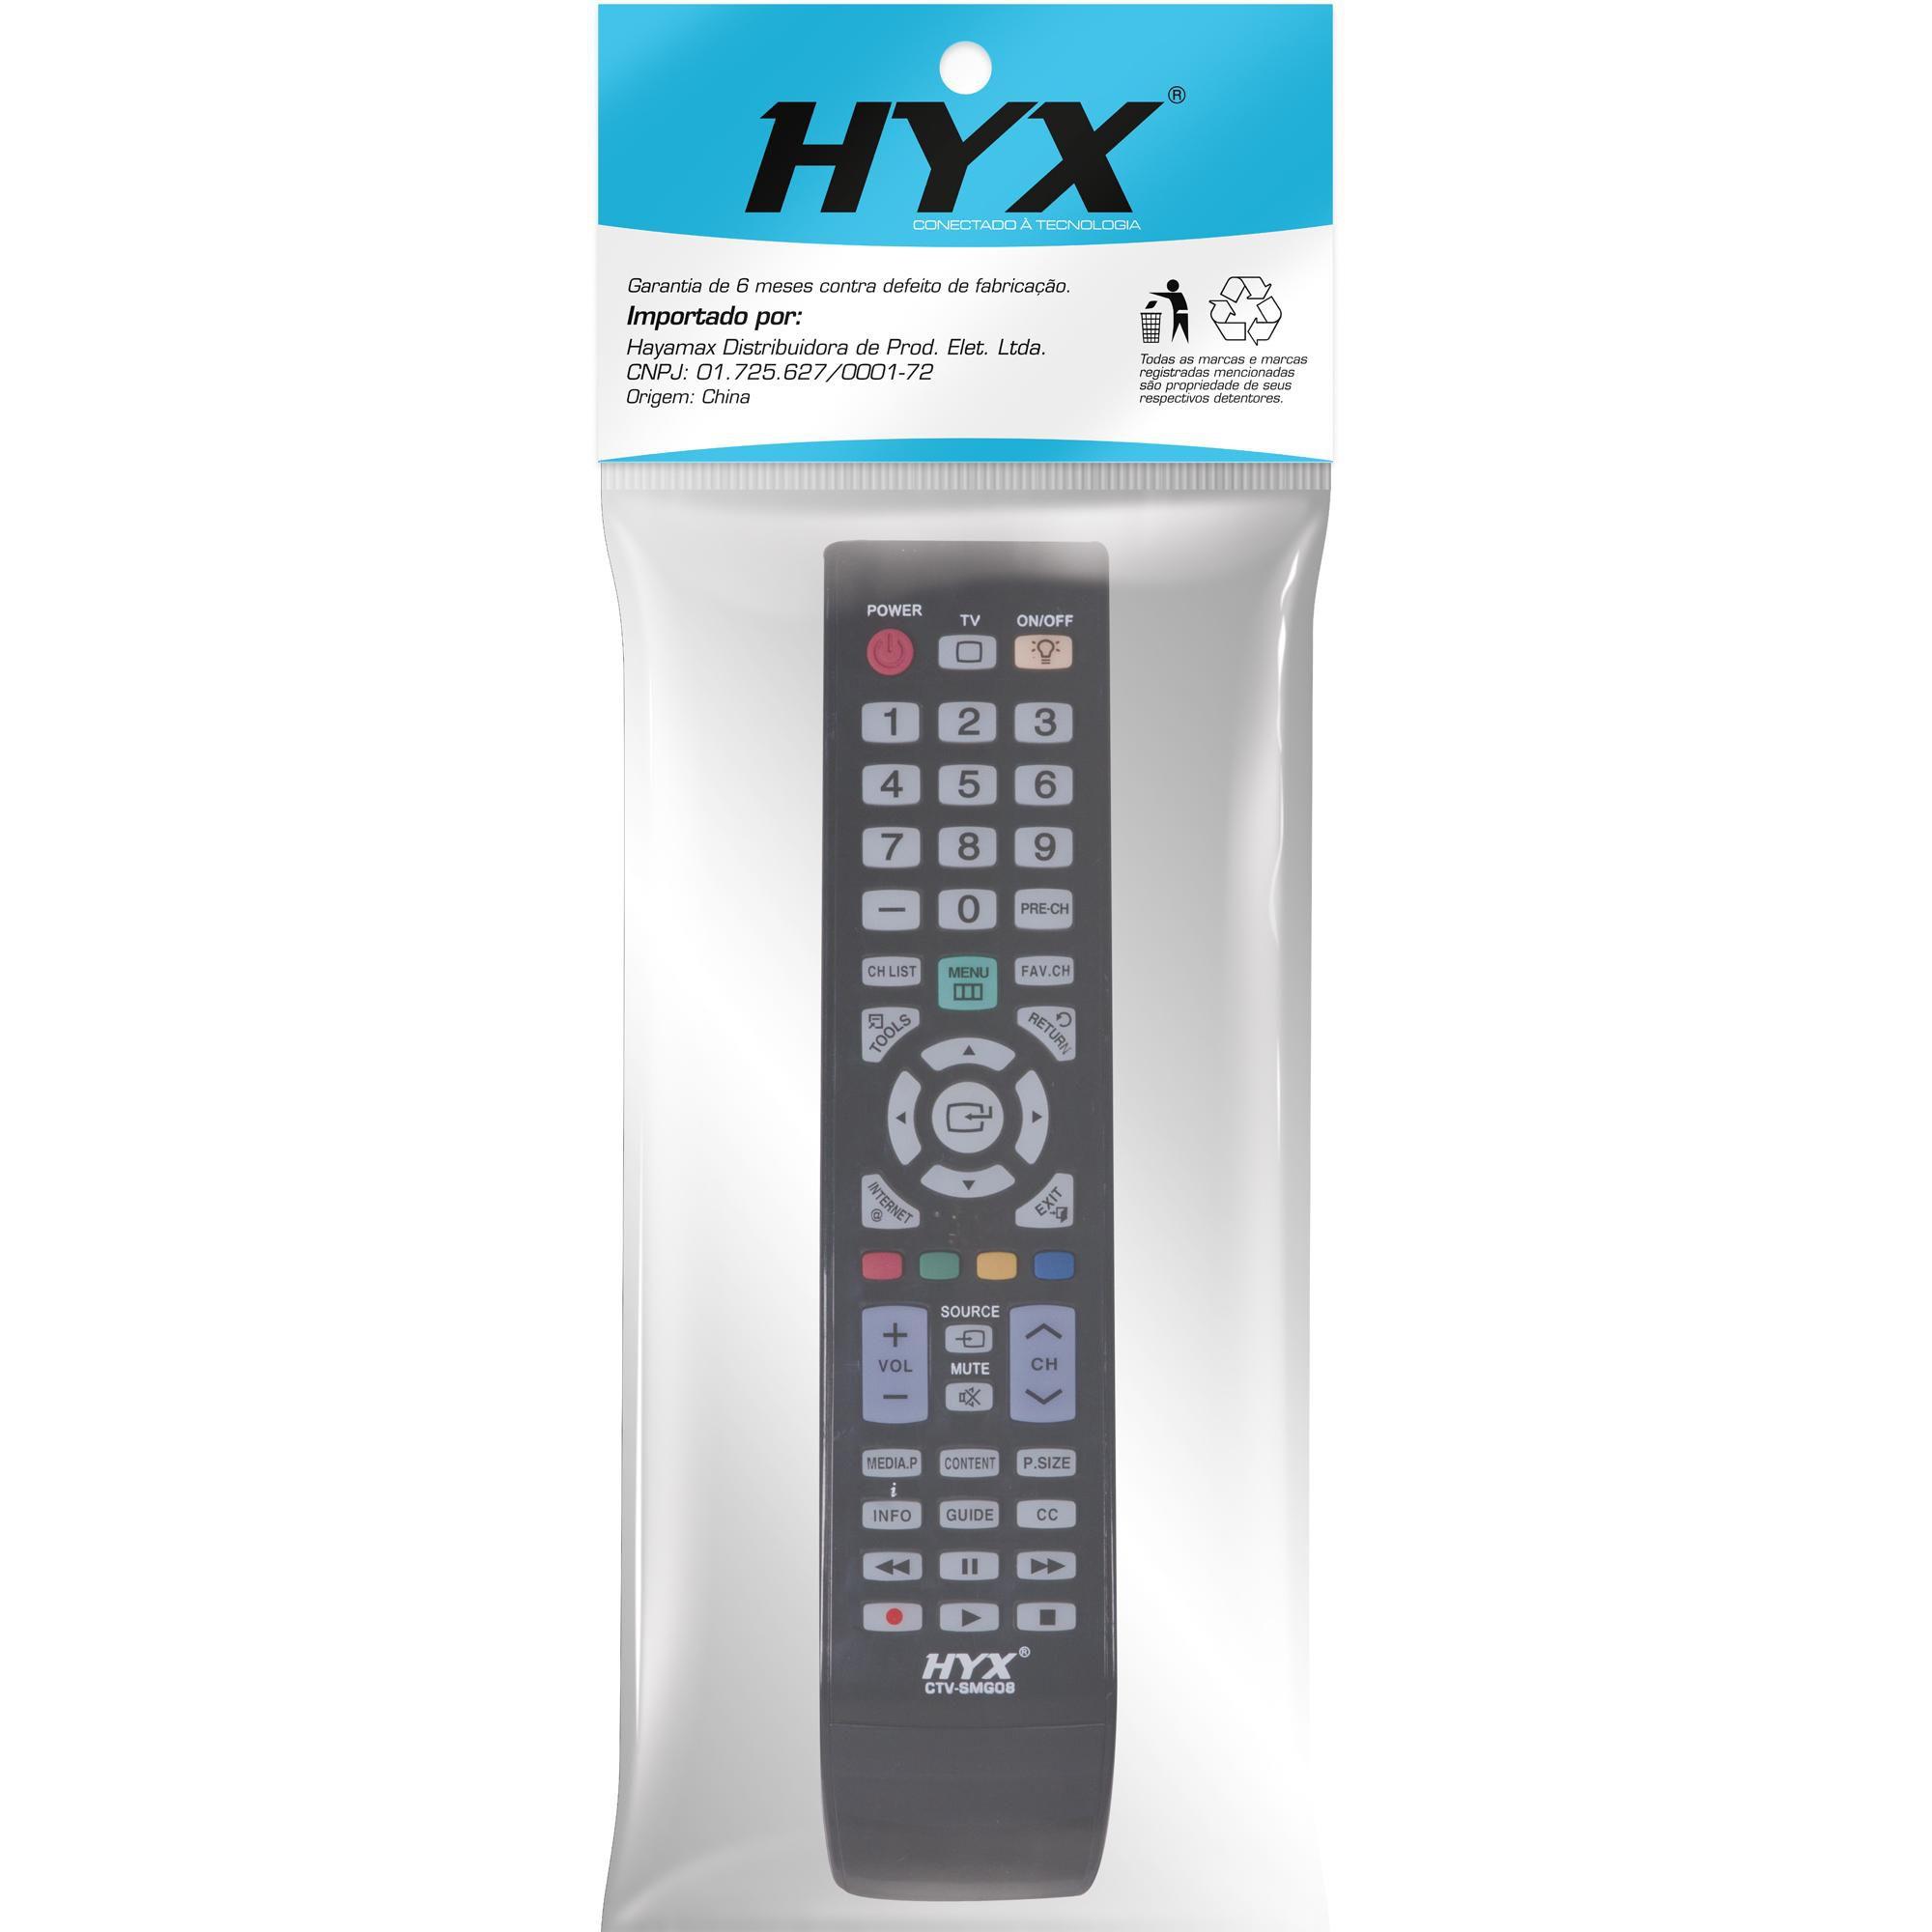 Controle Remoto para TV LCD SAMSUNG CTV-SMG08 Preto HYX